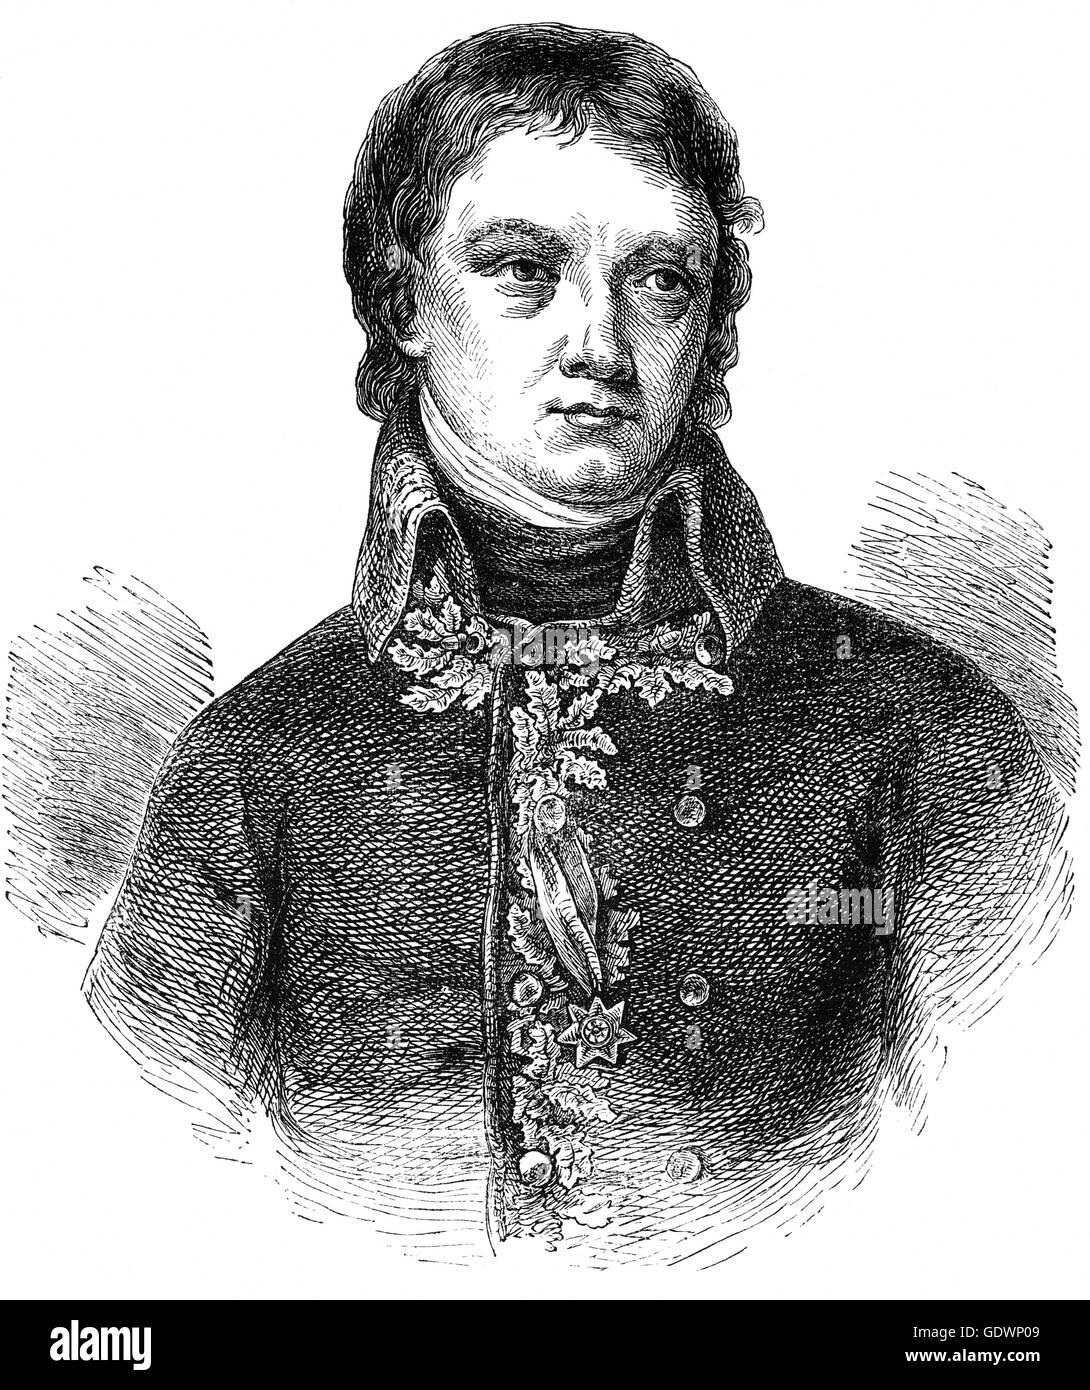 Jean-Andoche Junot, 1r duque de Abrantès (1771 - 1813) General Junot sirvió durante las Guerras Napoleónicas y revolucionarias. Fue nombrado Gobernador de Portugal, pero cuando una fuerza expedicionaria británica aterrizó, Junot fue derrotado en la batalla de Vimeiro el 21 de agosto de 1808. Foto de stock